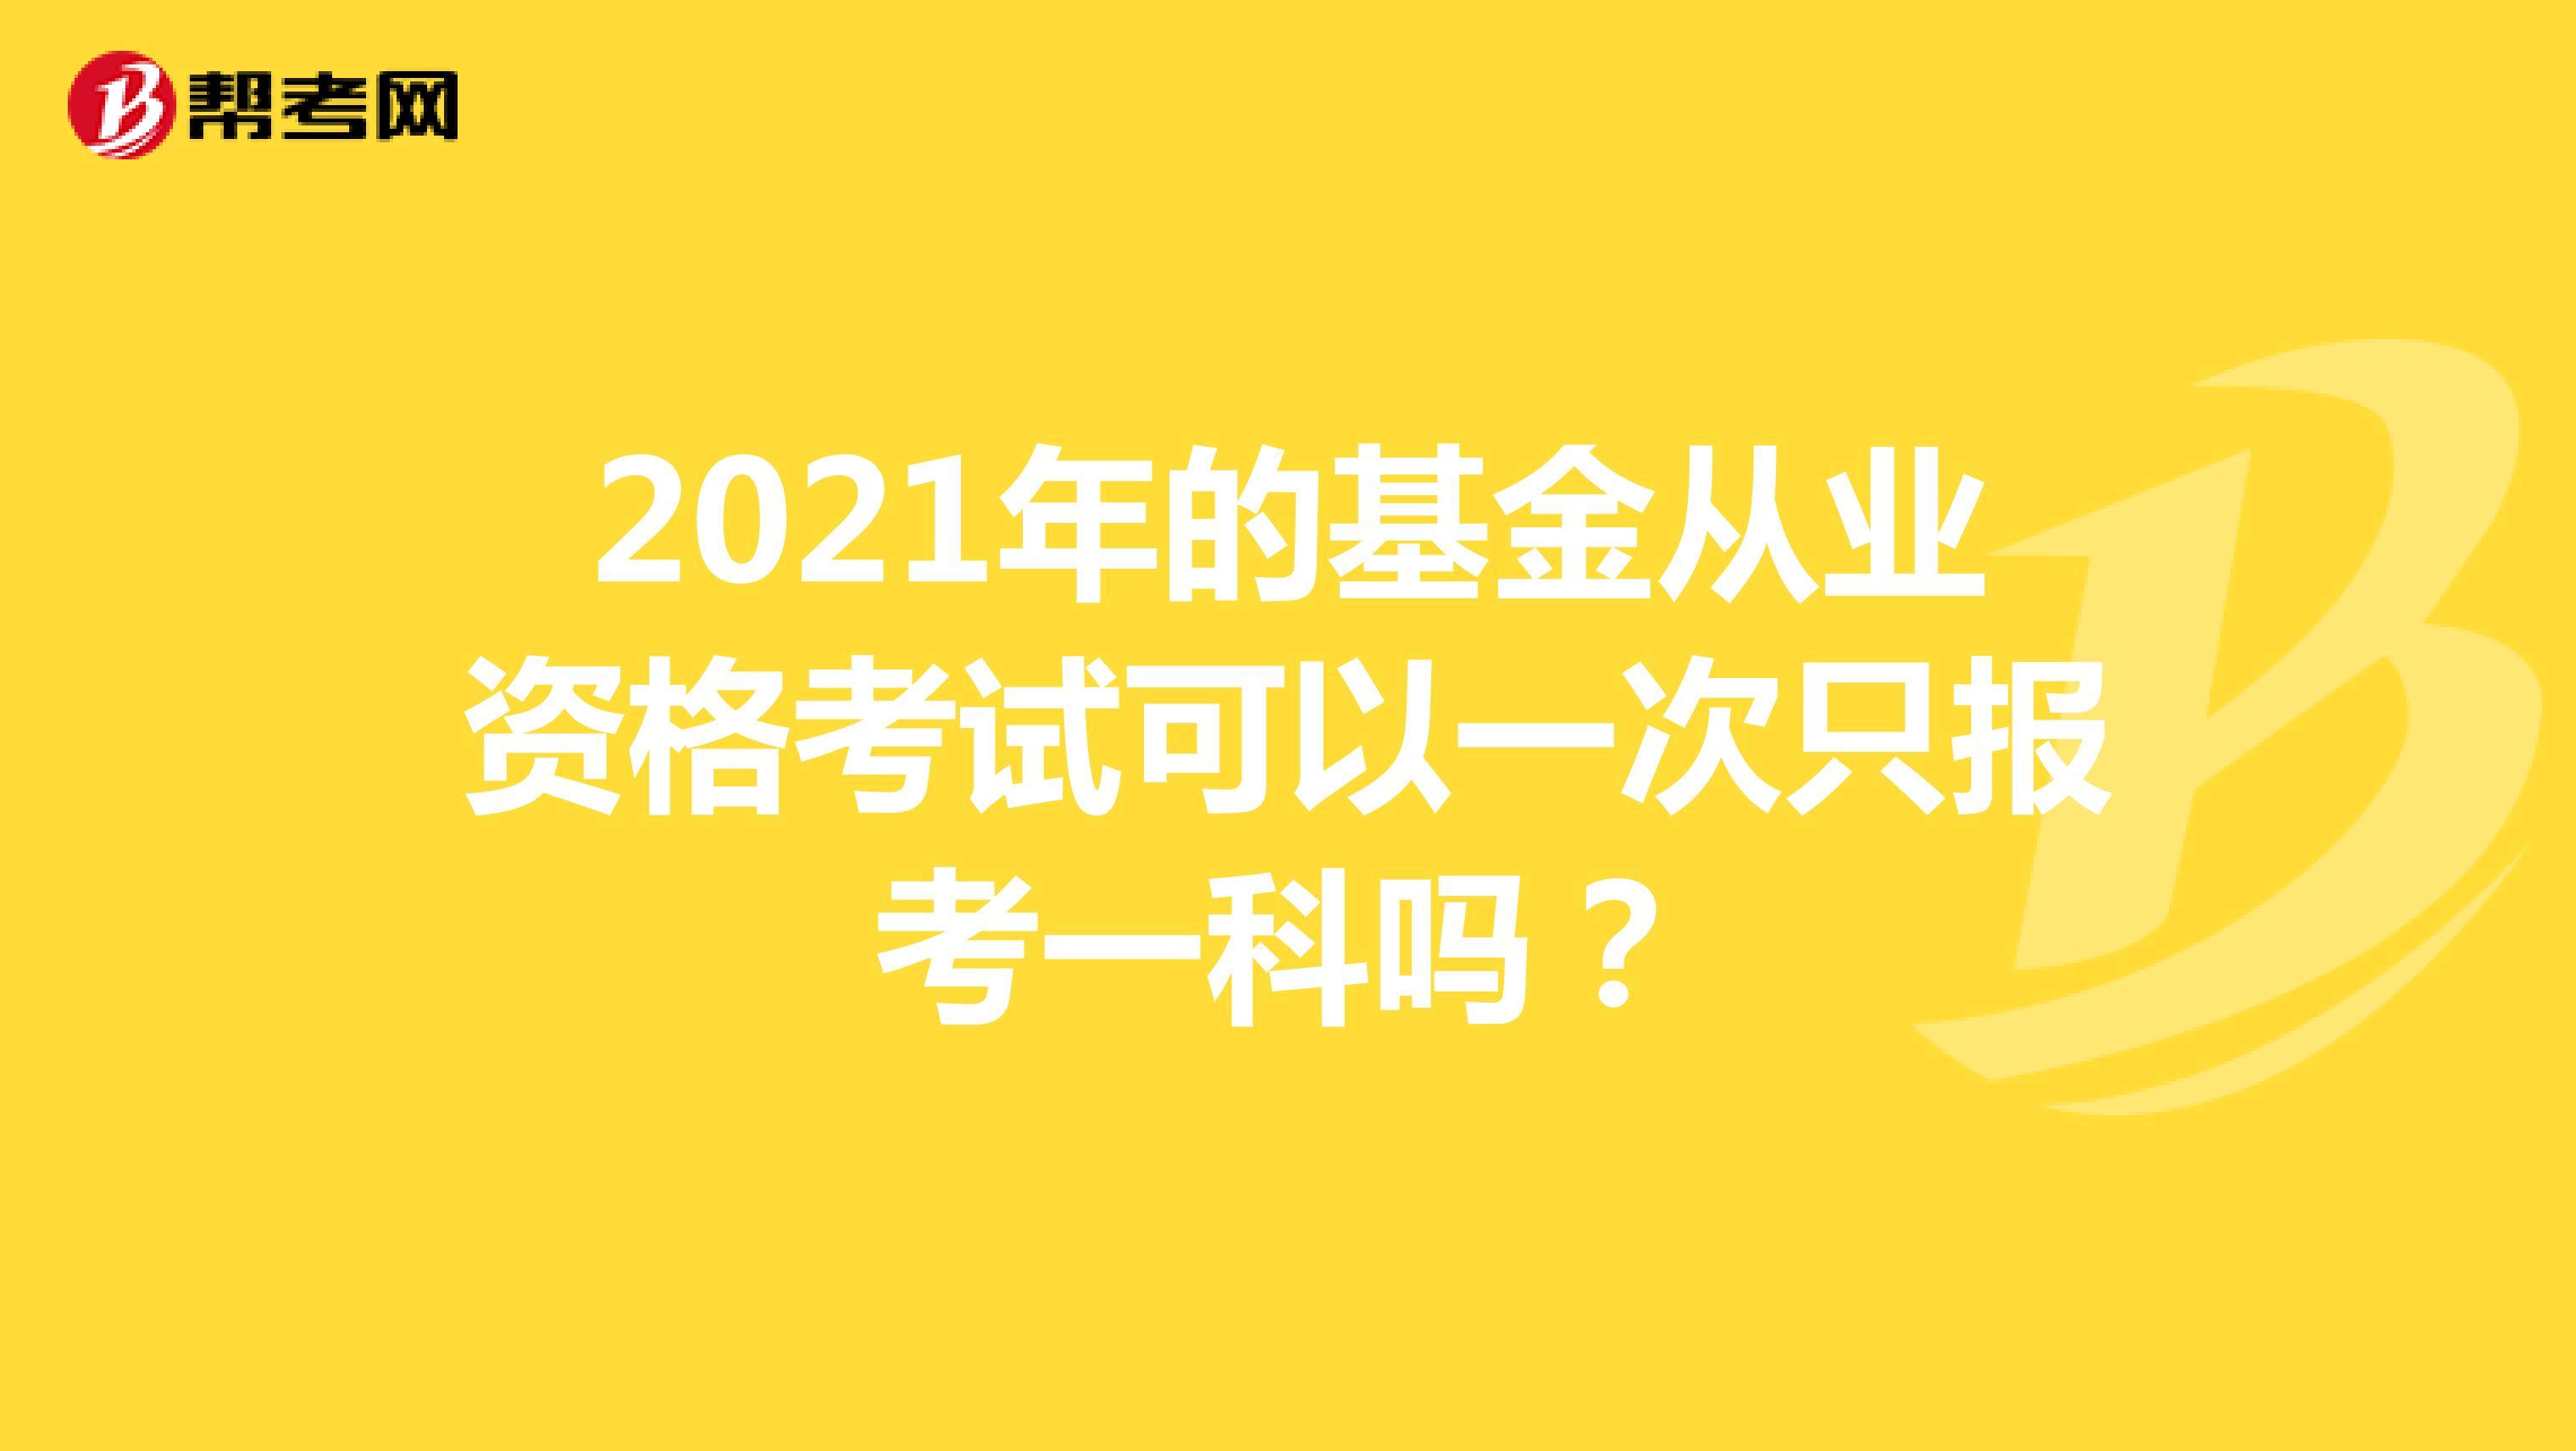 2021年的基金从业资格考试可以一次只报考一科吗?